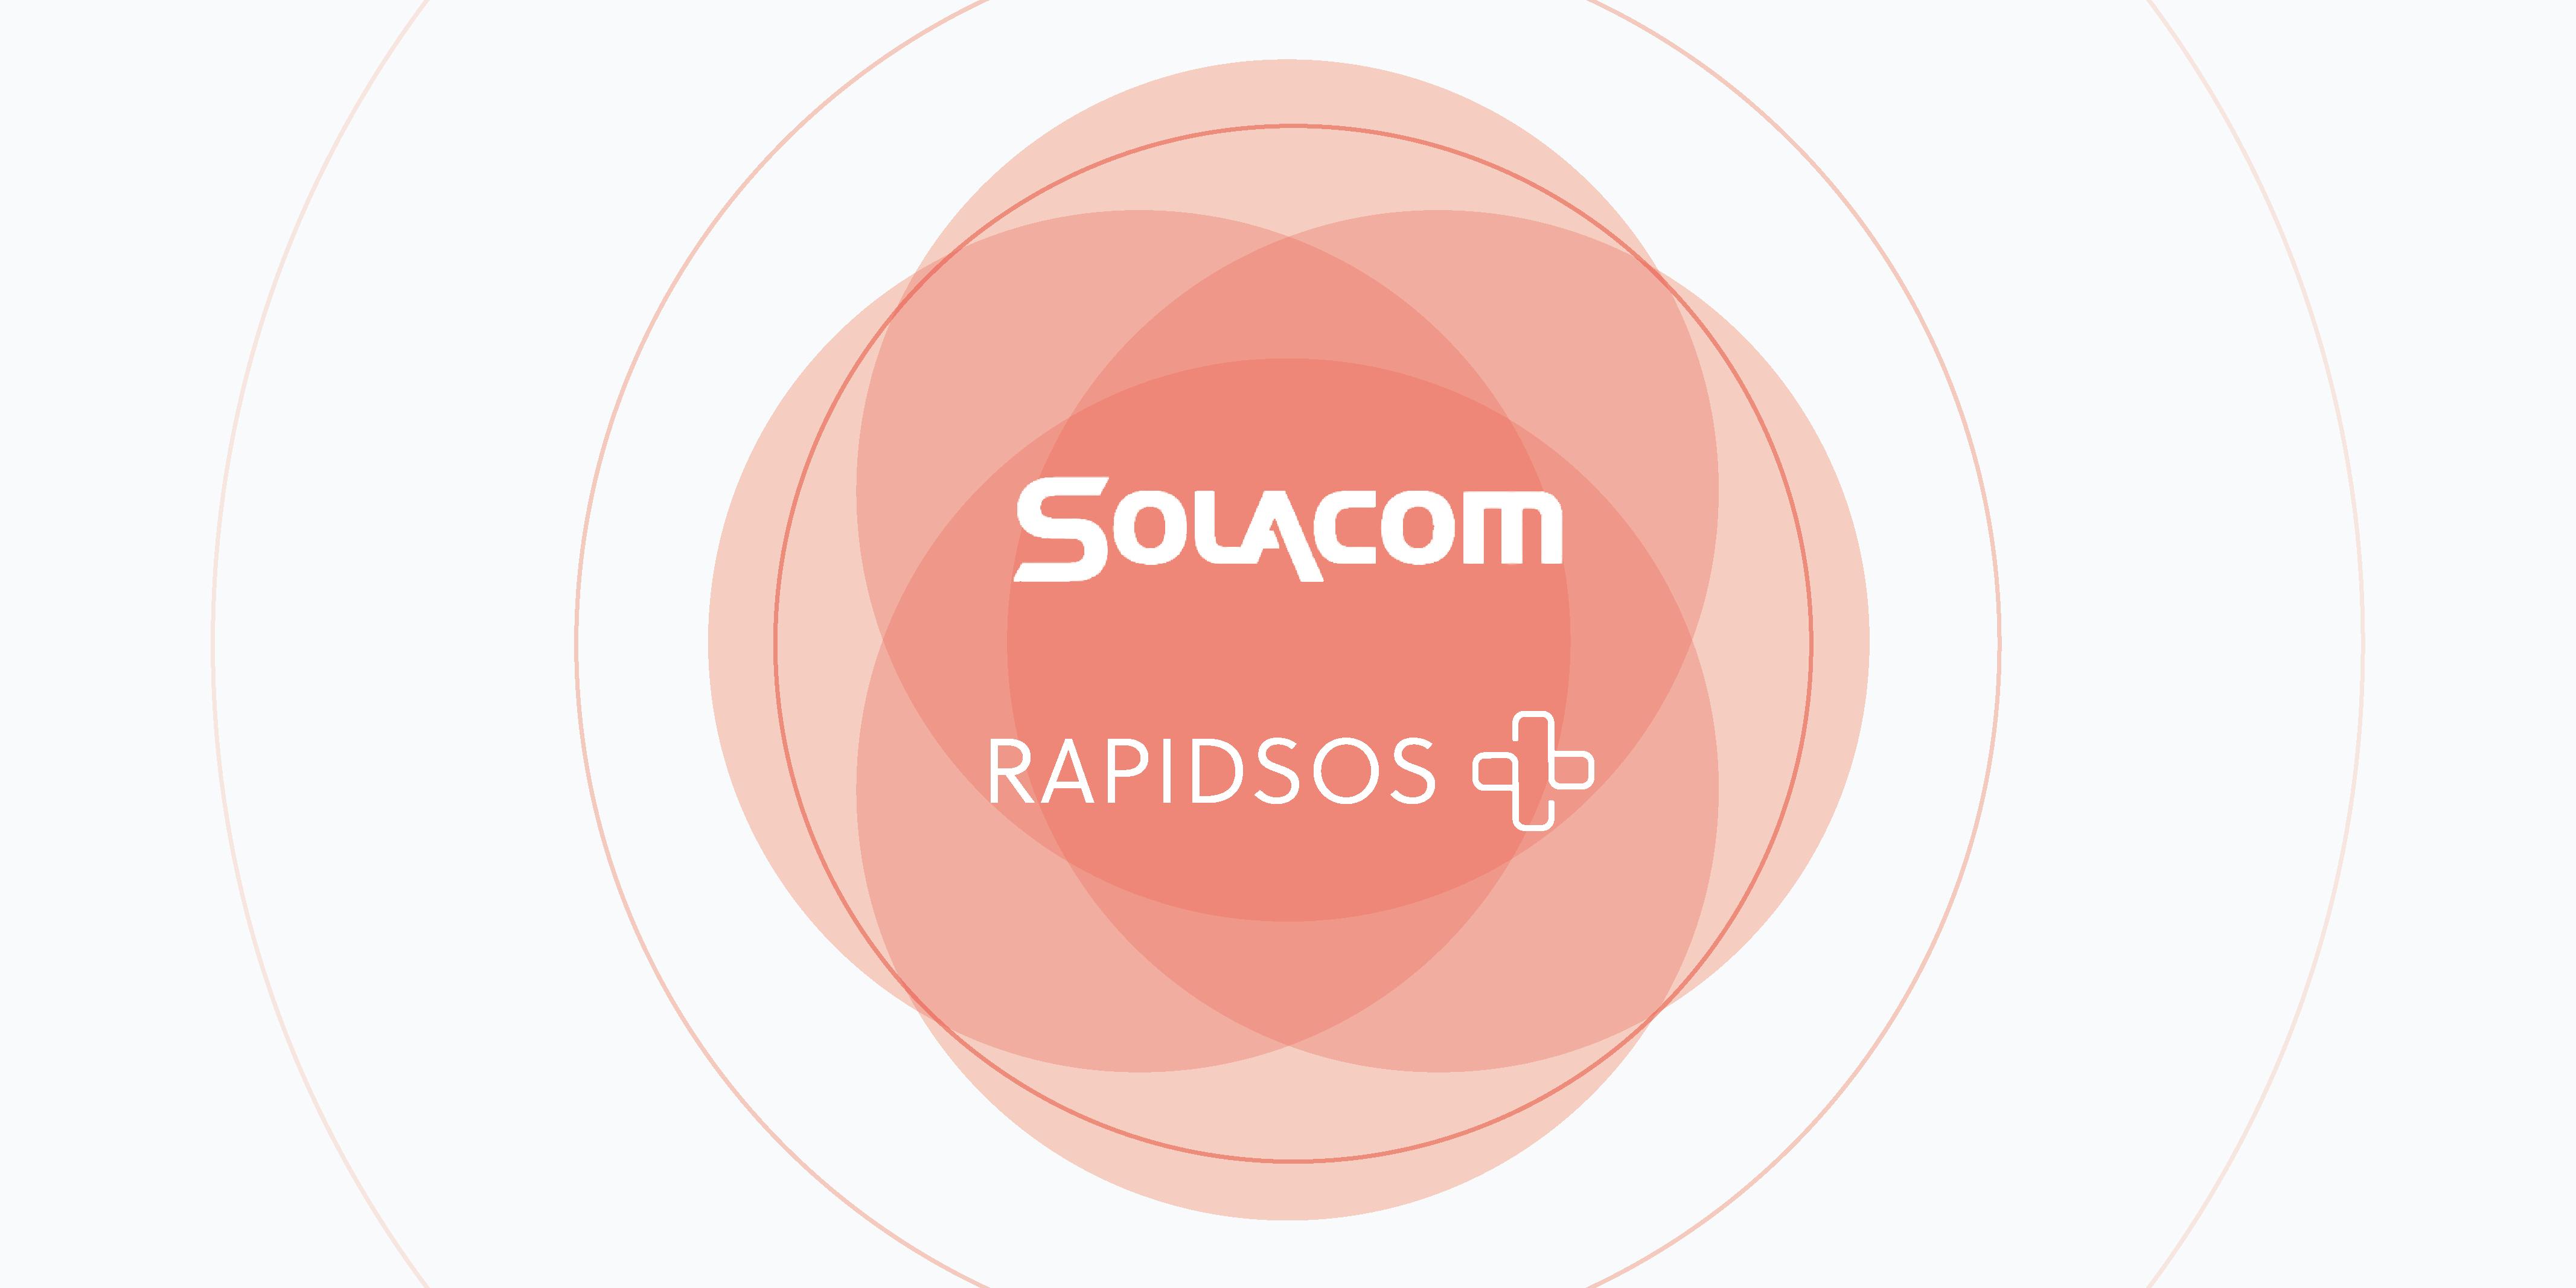 solacom-01